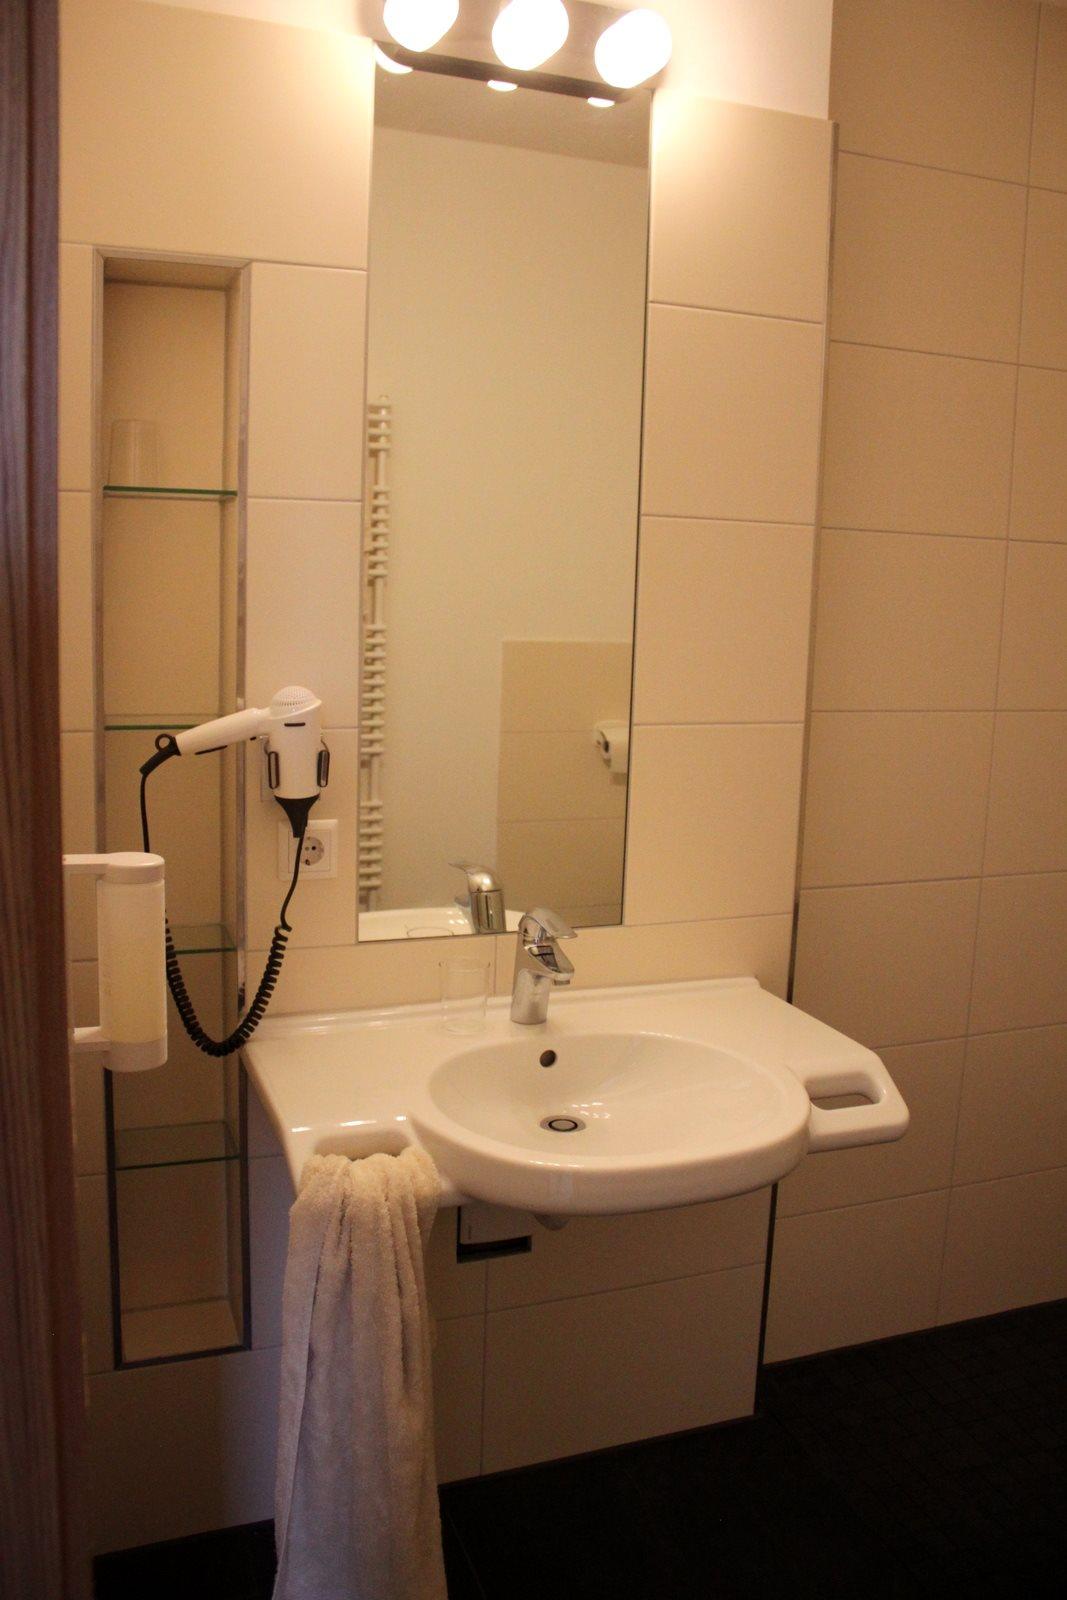 barrierefreies Waschbecken mit Föhn, Spiegel und Griffe